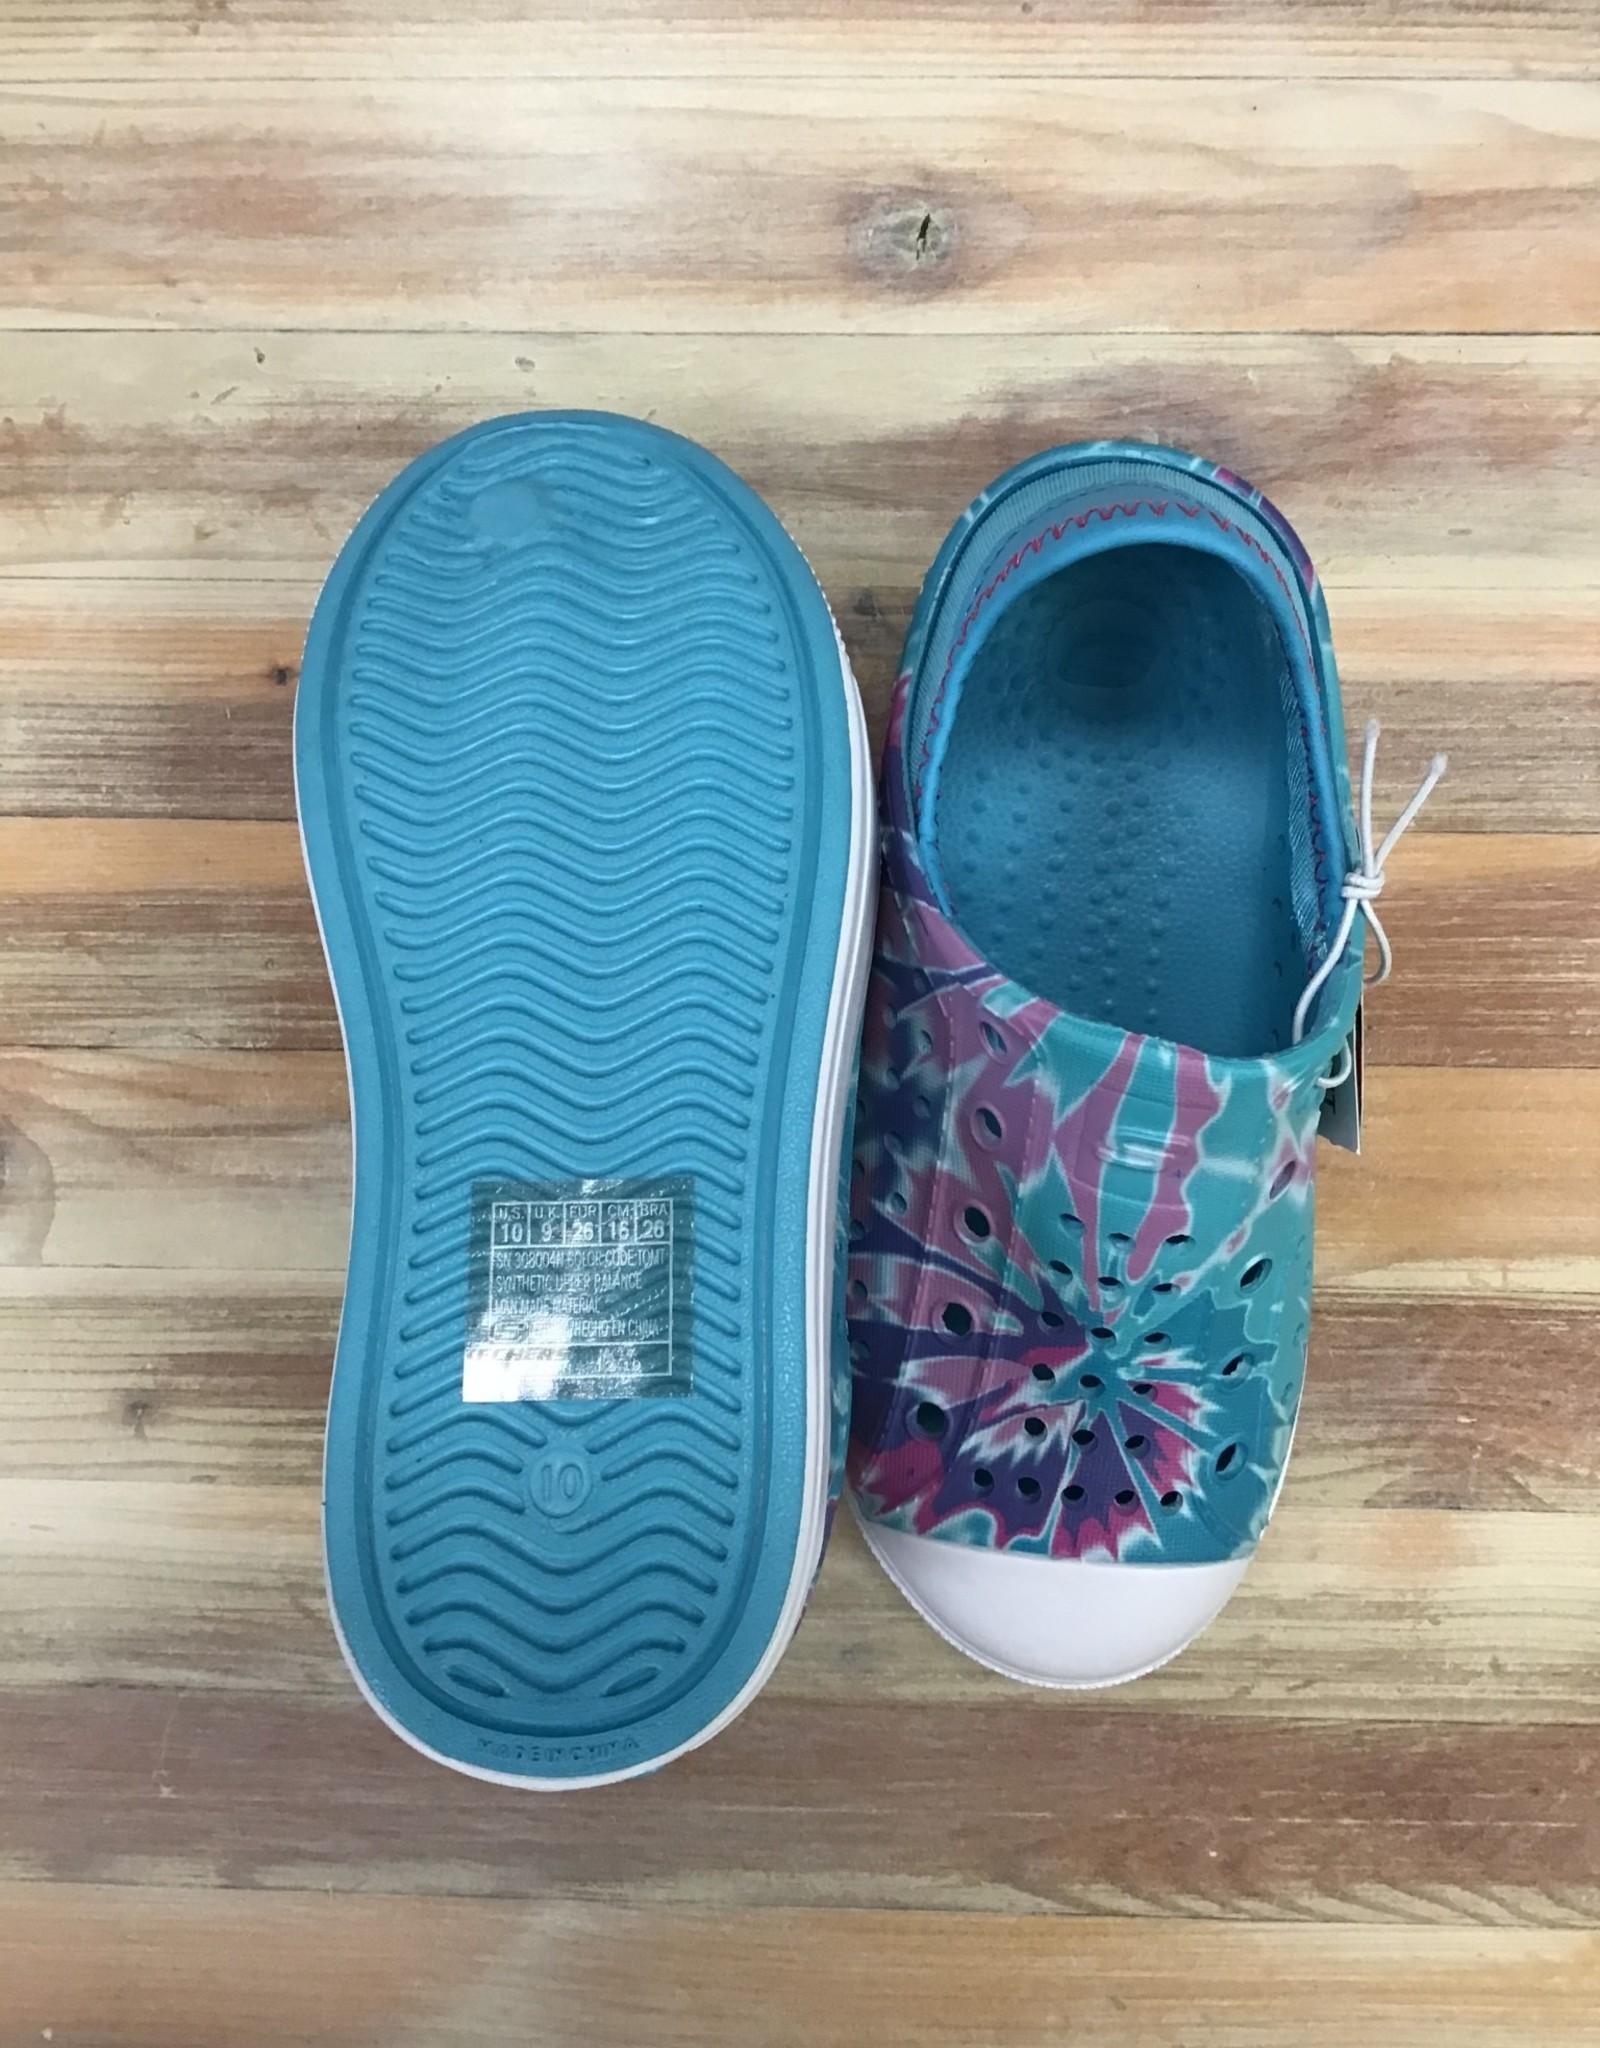 Skechers Skechers Guzman Steps - Color Hype Kids'